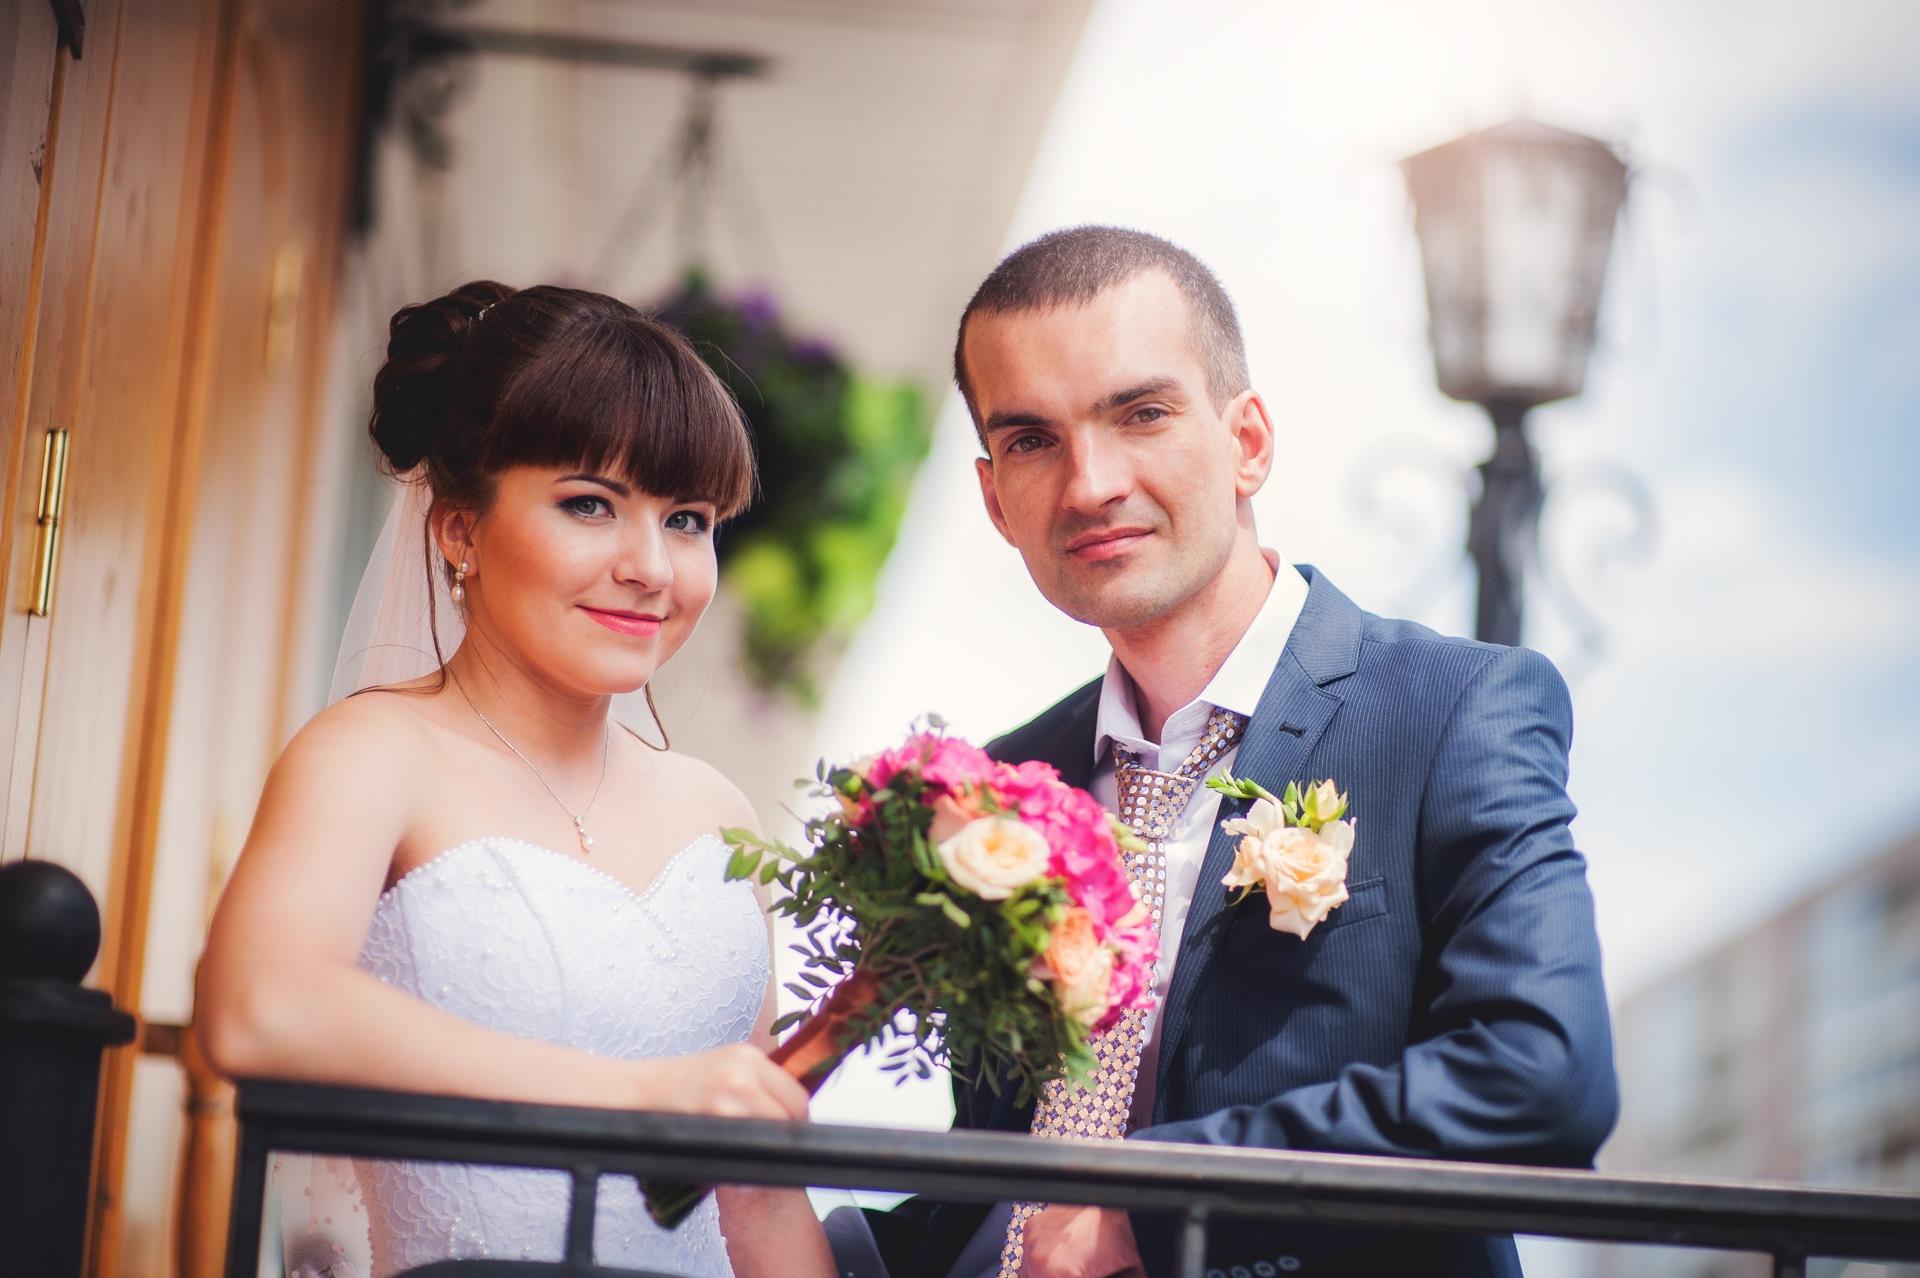 нужно в каком размере отдавать фото свадьбы этом толмацкая подчеркивает